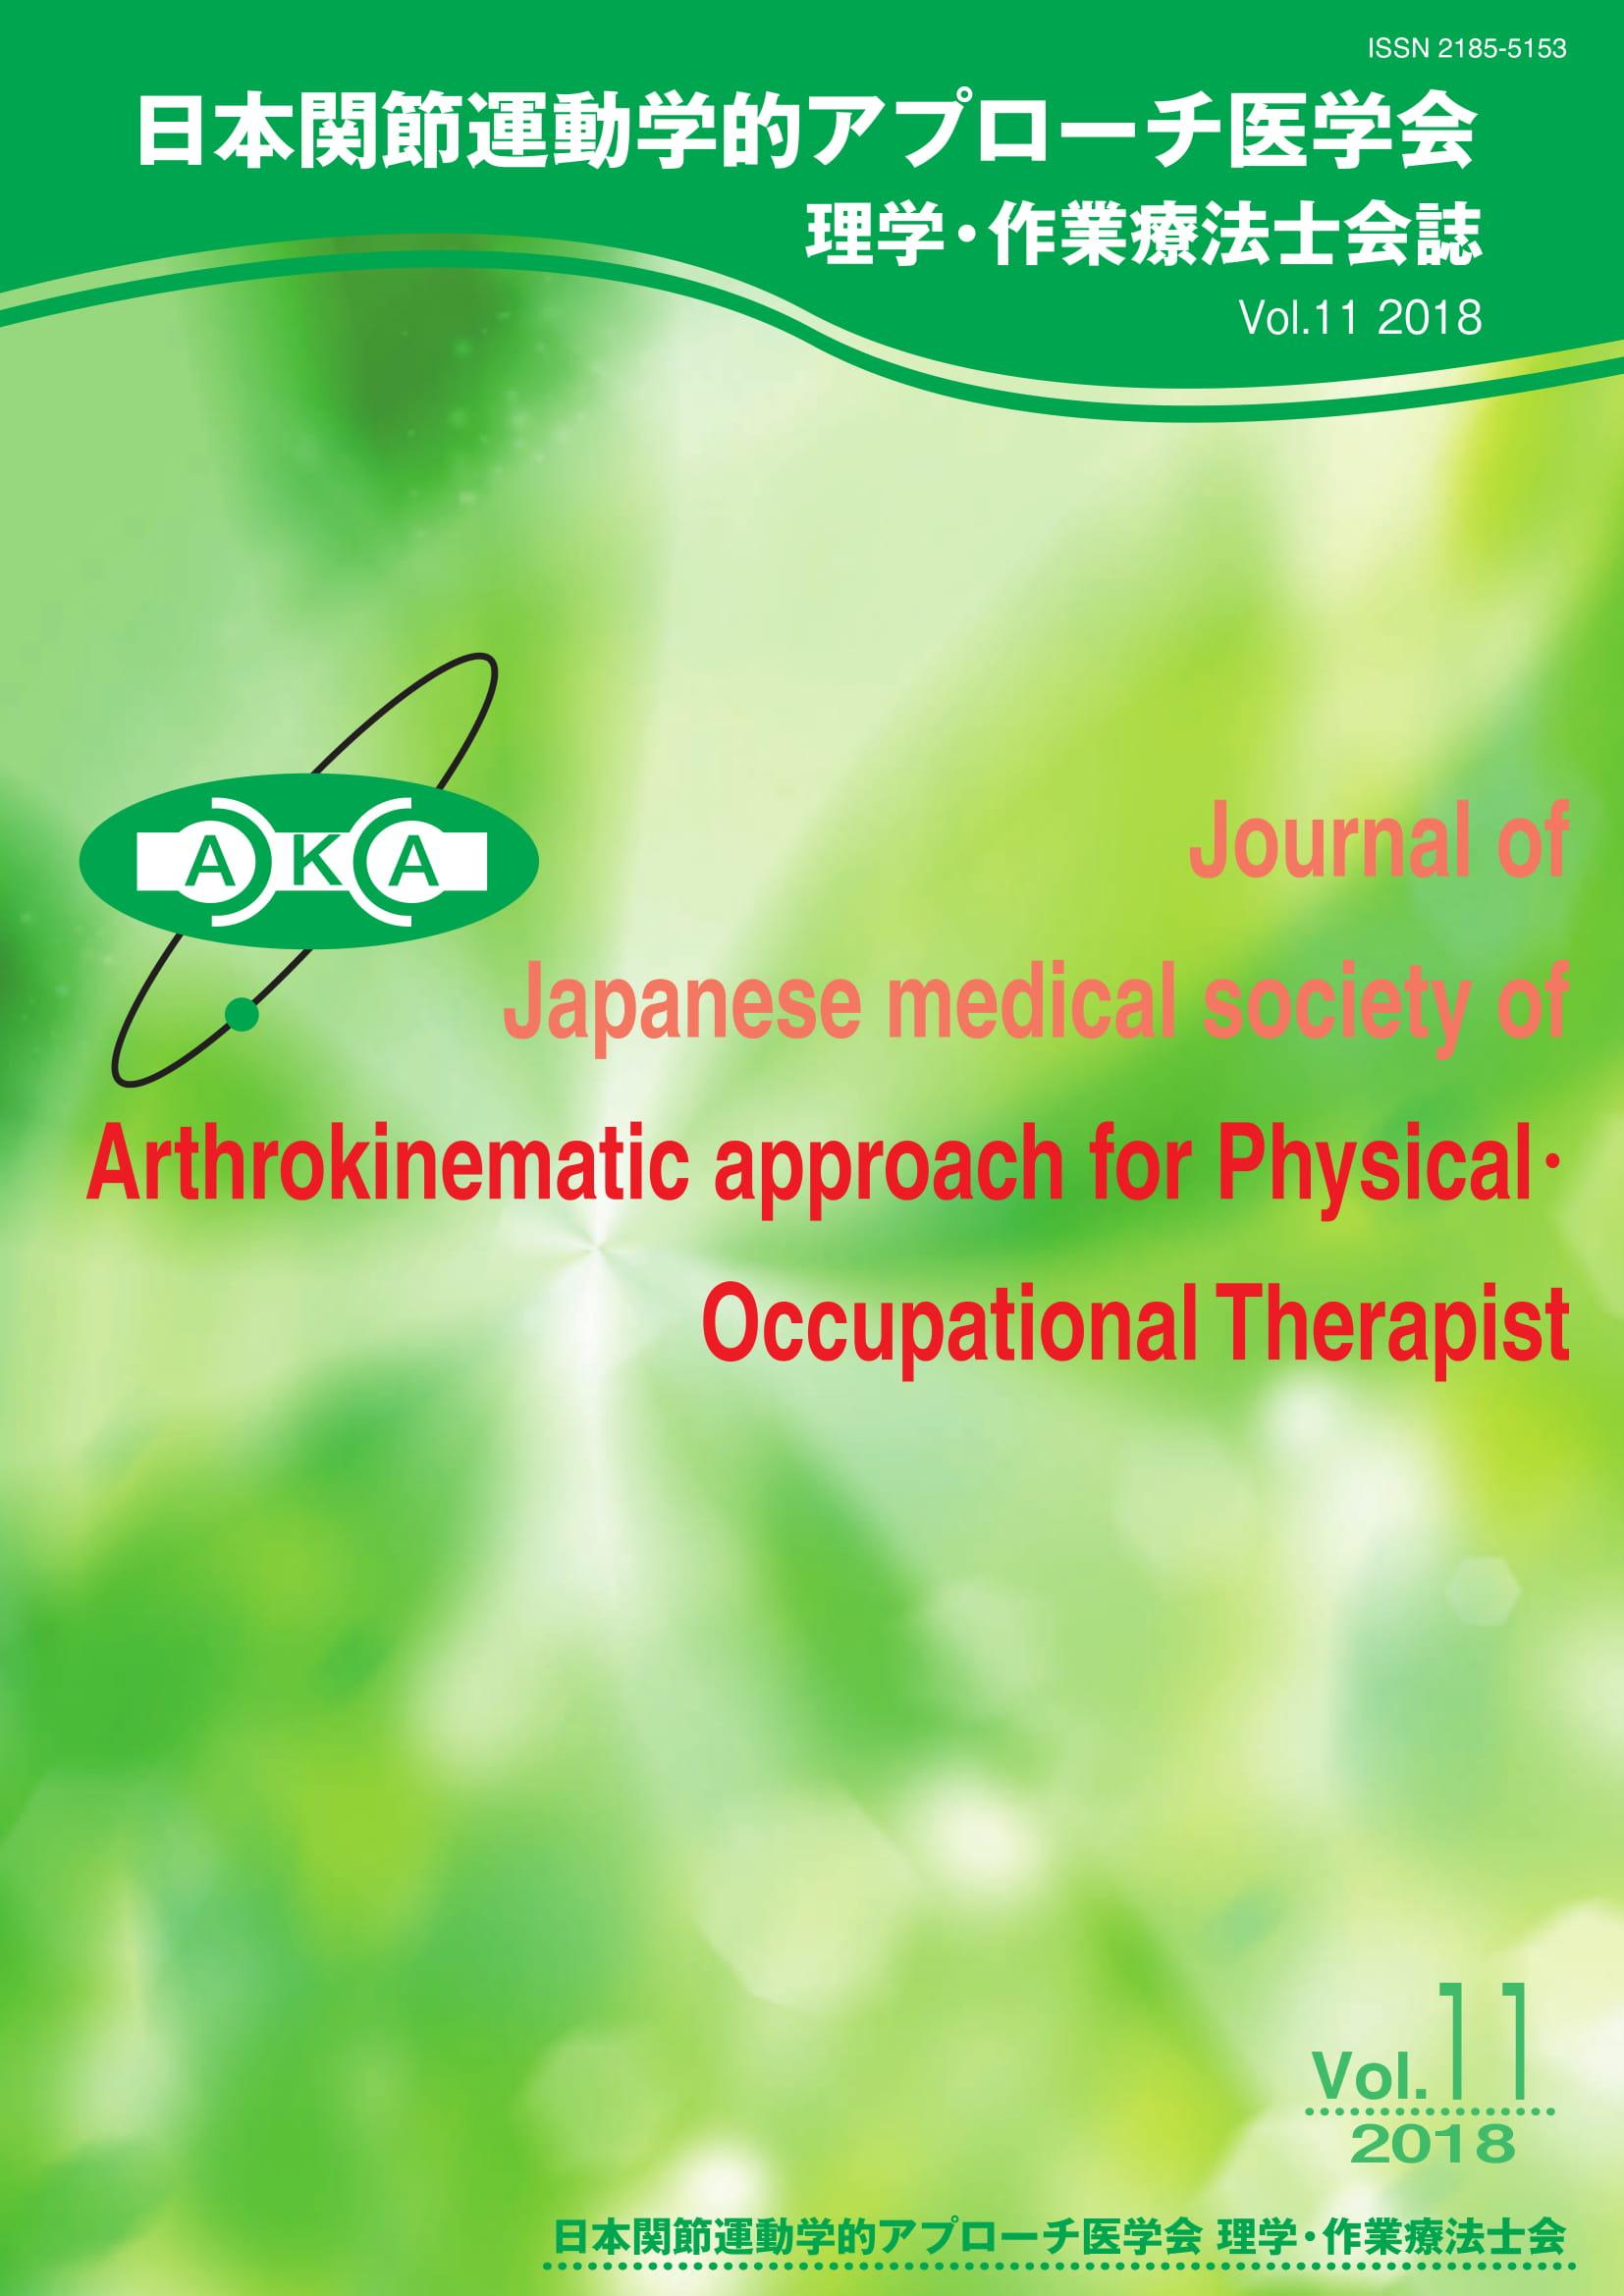 理学・作業療法士会誌 Vol.11 2018